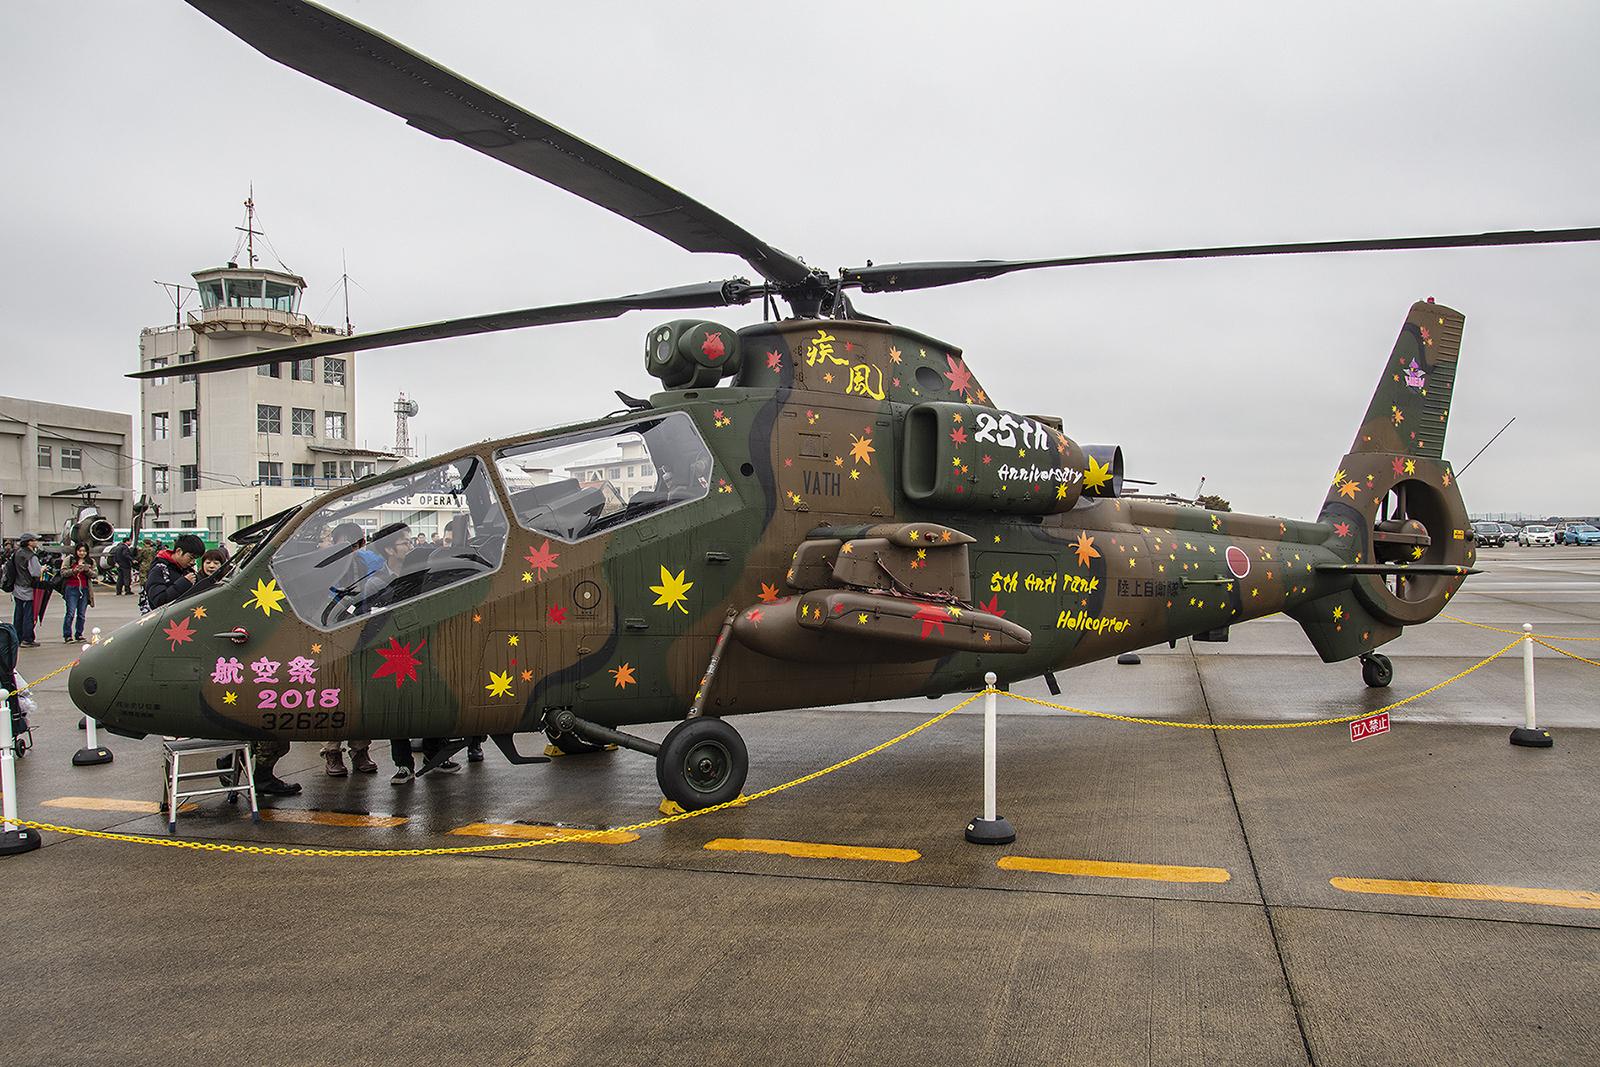 Wenige Wochen nach unserem Besuch wurde das Erprobungsprogramm der OH-1 wieder.